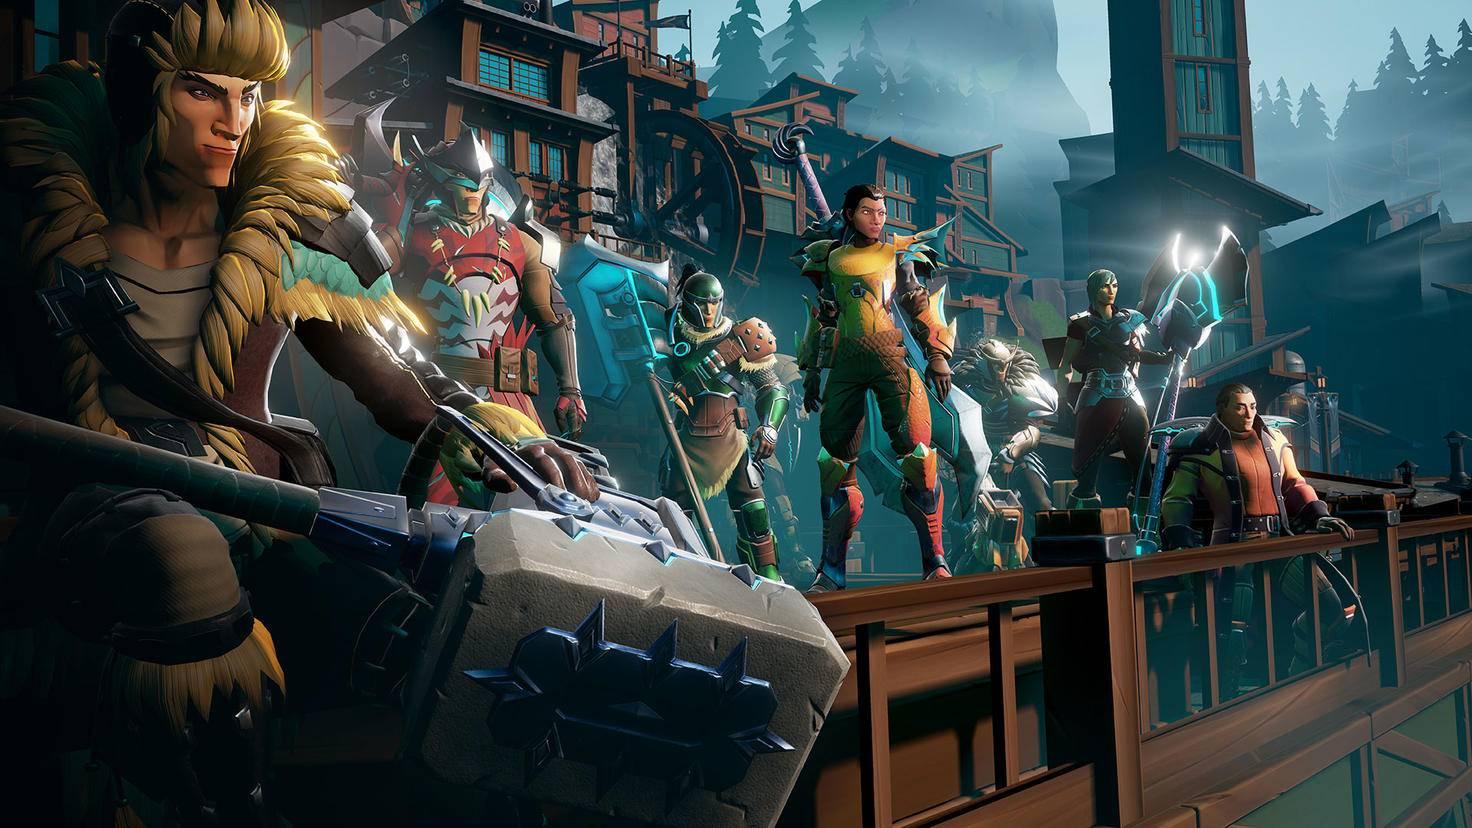 Bunte Truppe: Die aus Monsterteilen gefertigten Rüstungssets sind farbenfroh.